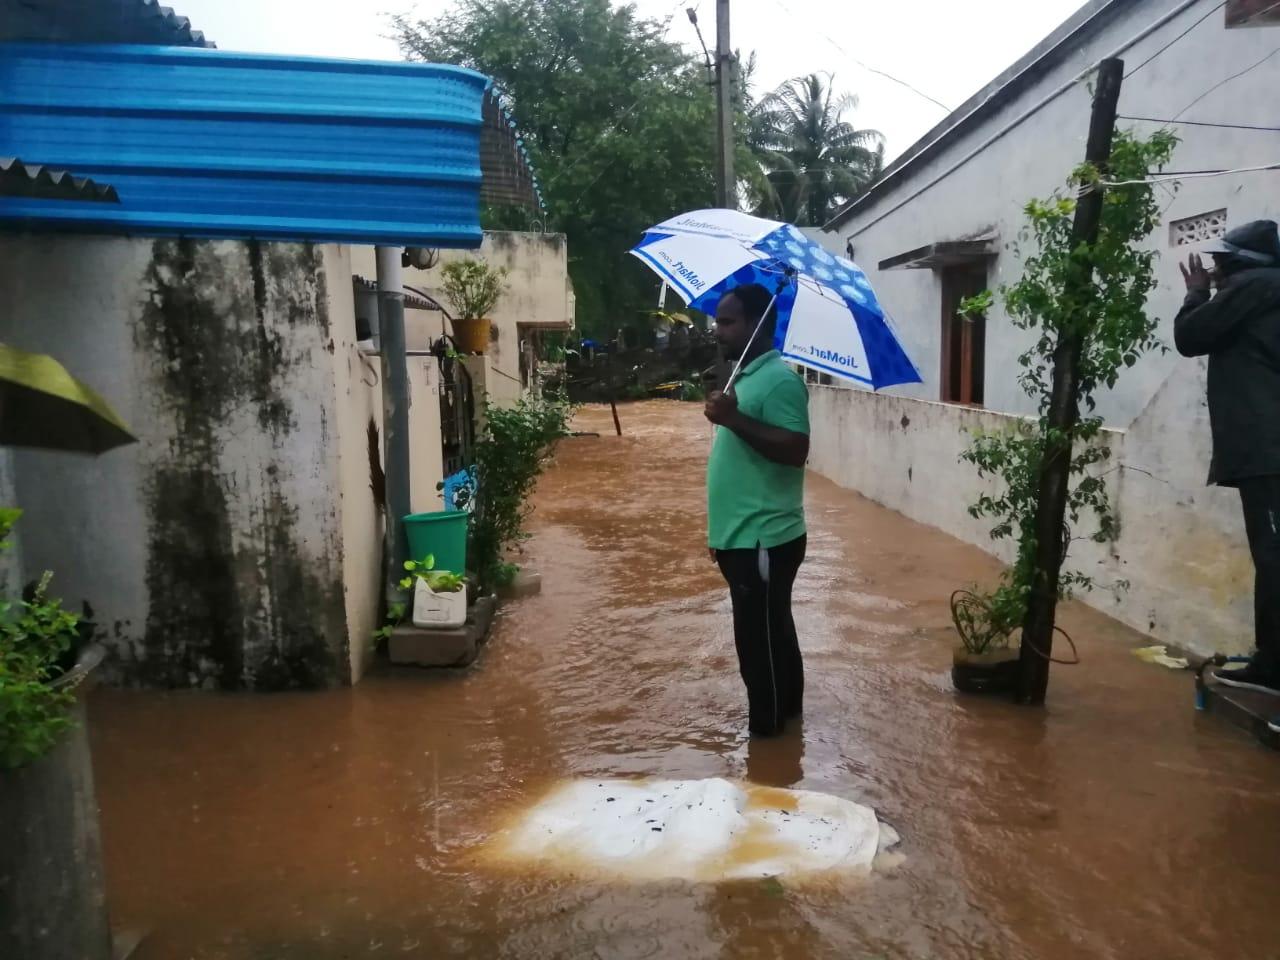 आंध्र प्रदेश के विशाखापट्टनम में साइक्लोन के असर से भारी बारिश हुई और घरों में पानी भर गया।